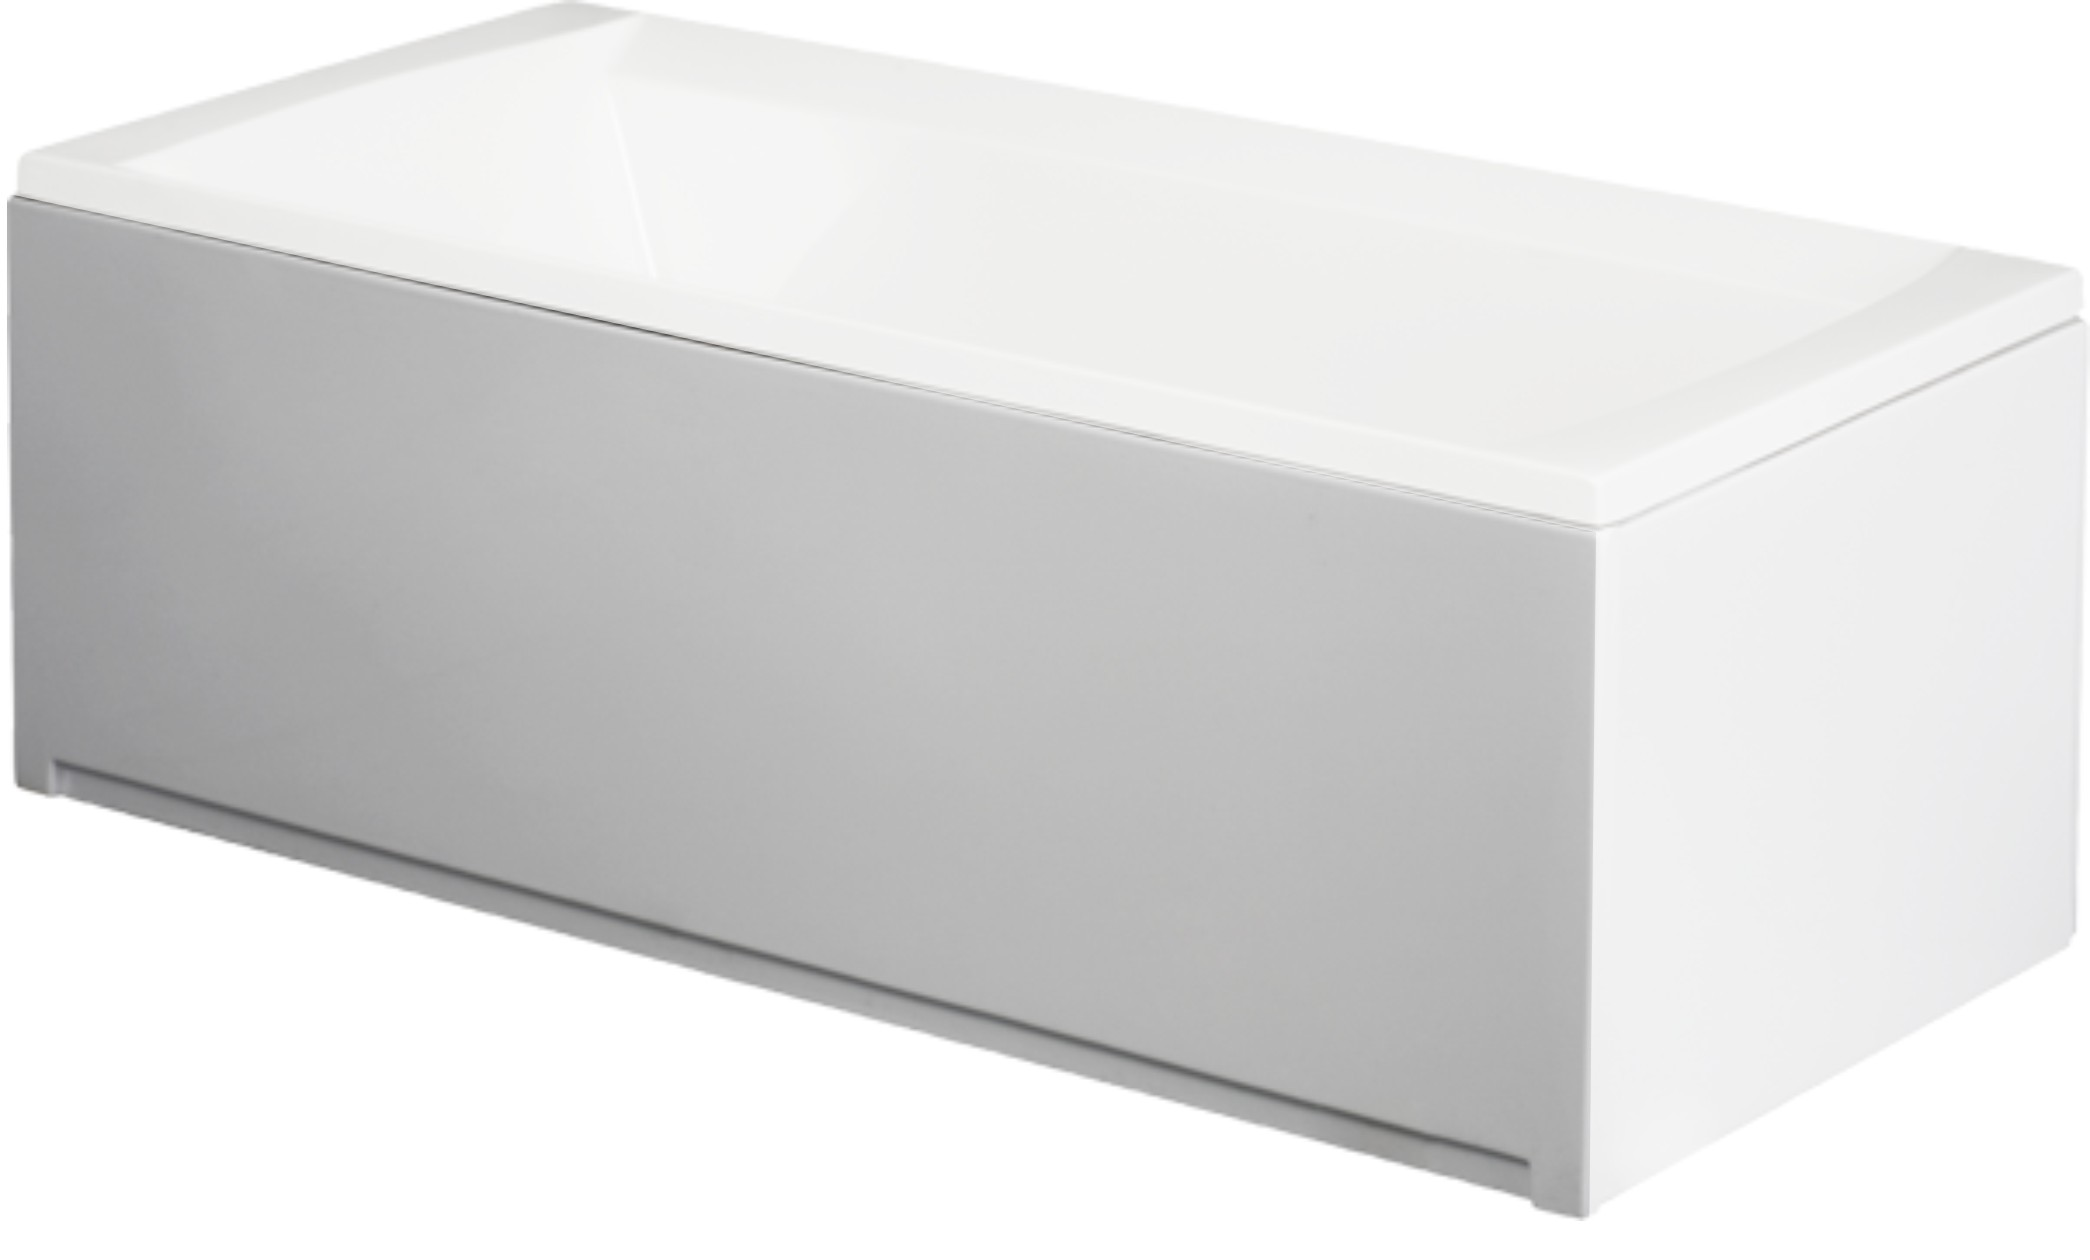 ANCONA Hopa krycí čelní panel k vanám, skladem